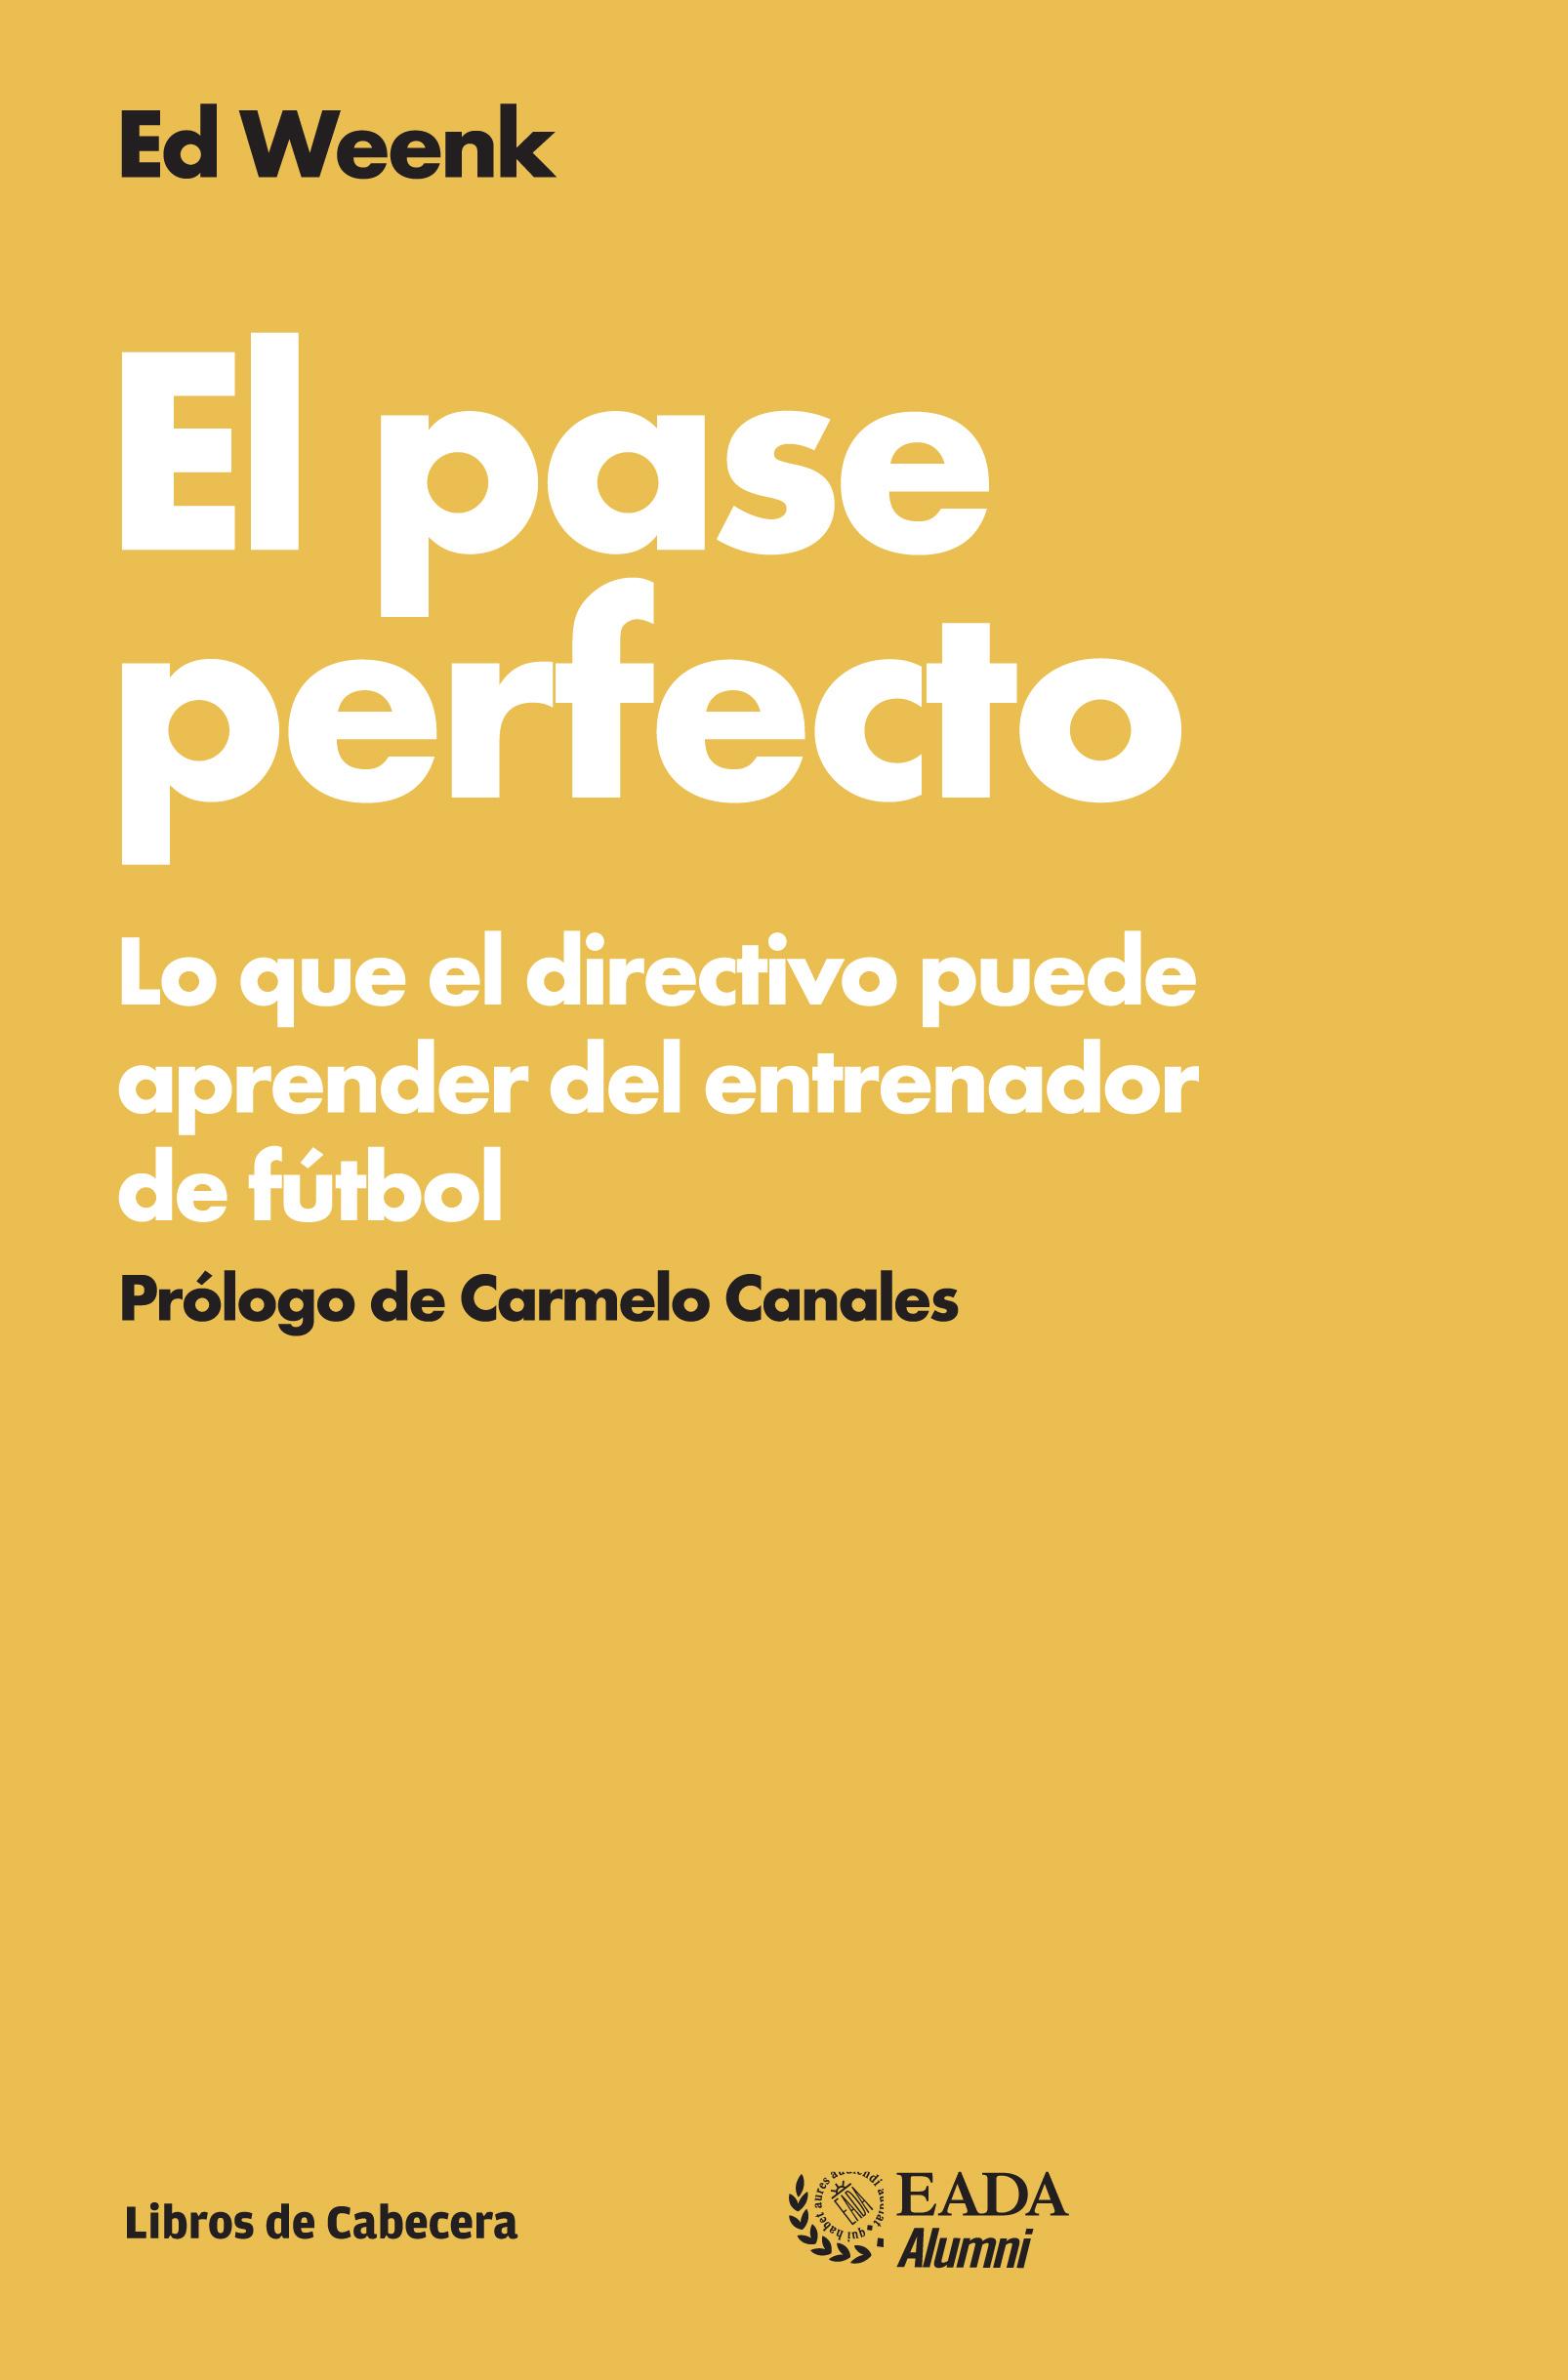 EL PASE PERFECTO. LO QUE EL DIRECTIVO PUEDE APRENDER DEL ENTRENADOR DE FÚTBOL